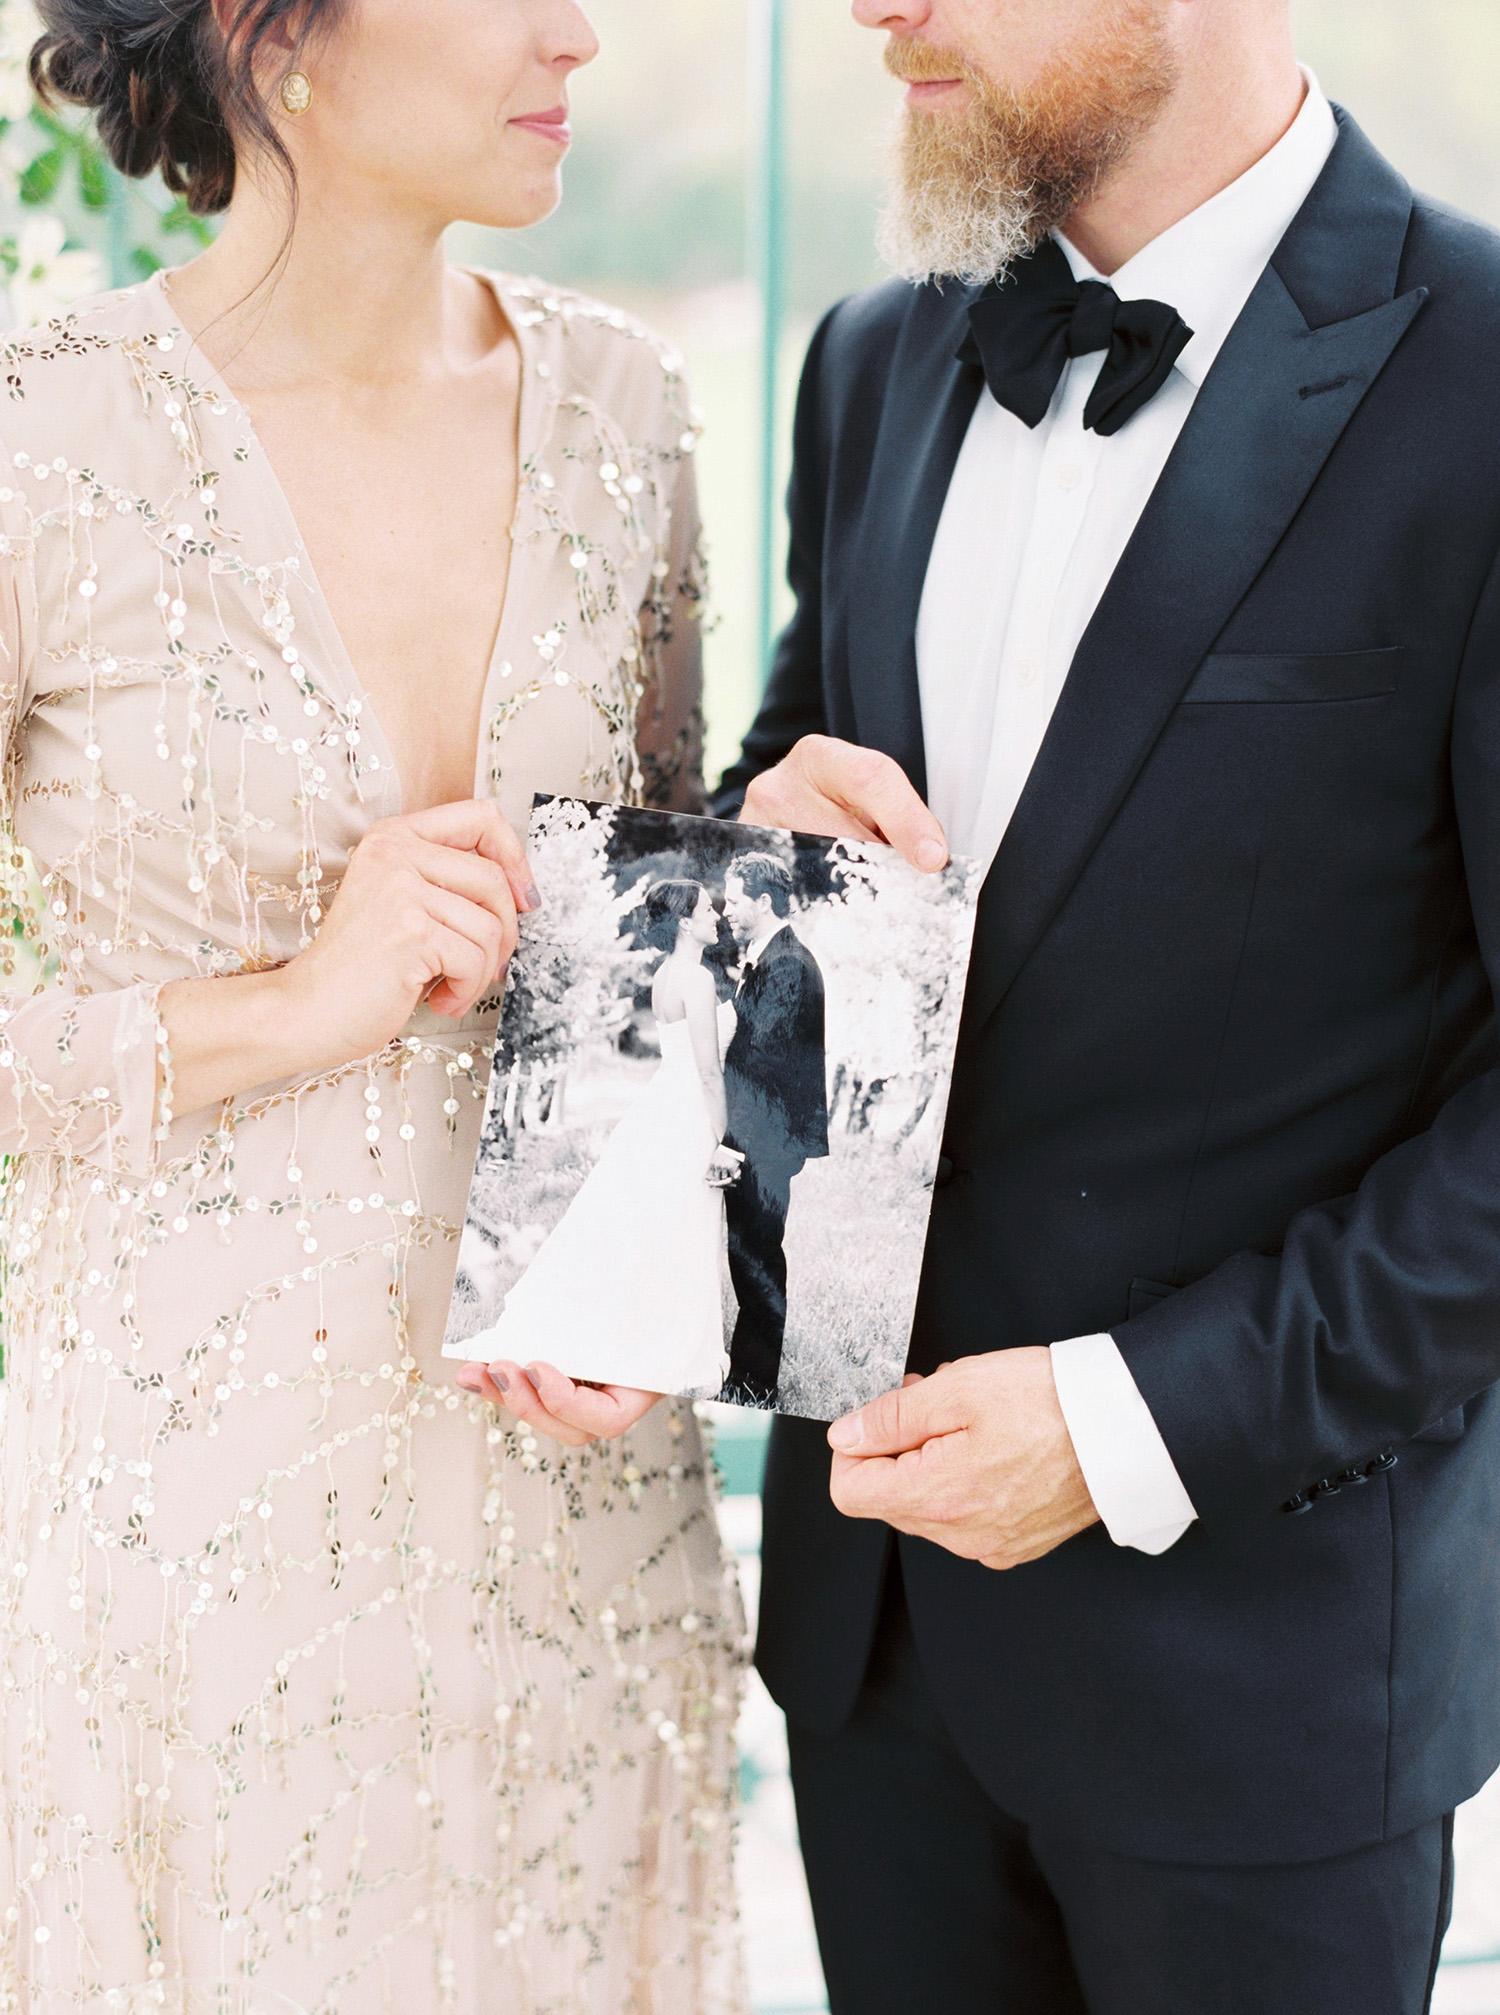 evan dustin vow renewal couple wedding photo